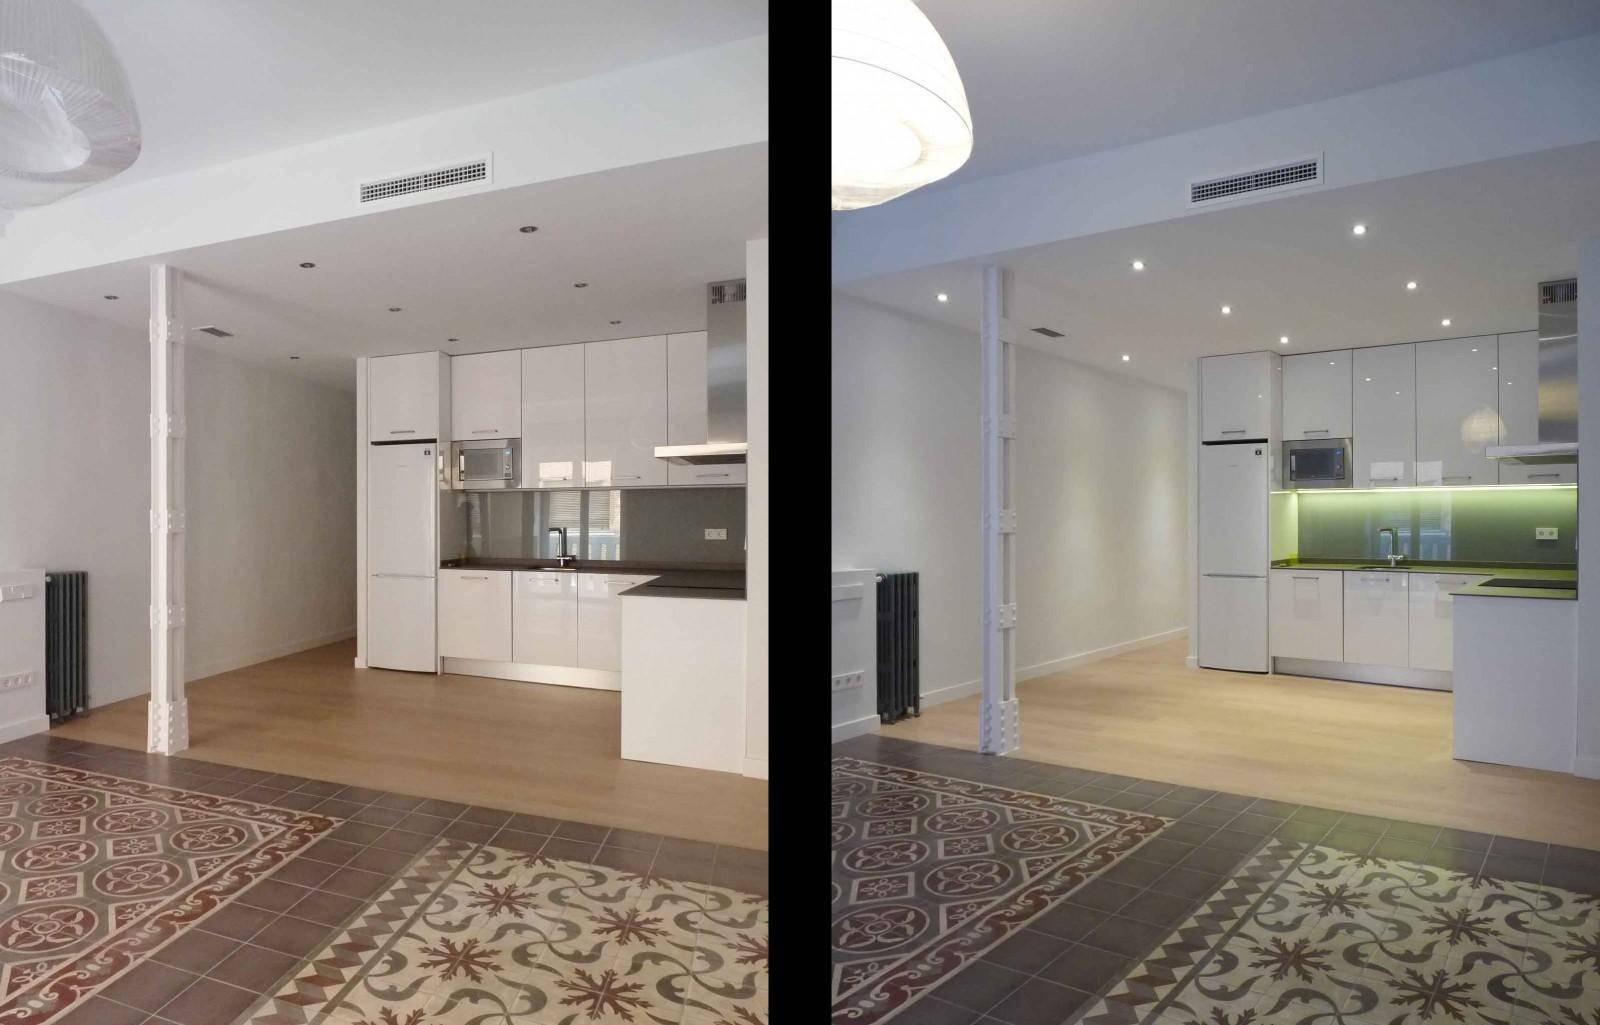 El cambio de techos en espacios tan diáfanos ayuda a zonificar y combinar diferentes tipos de iluminación.